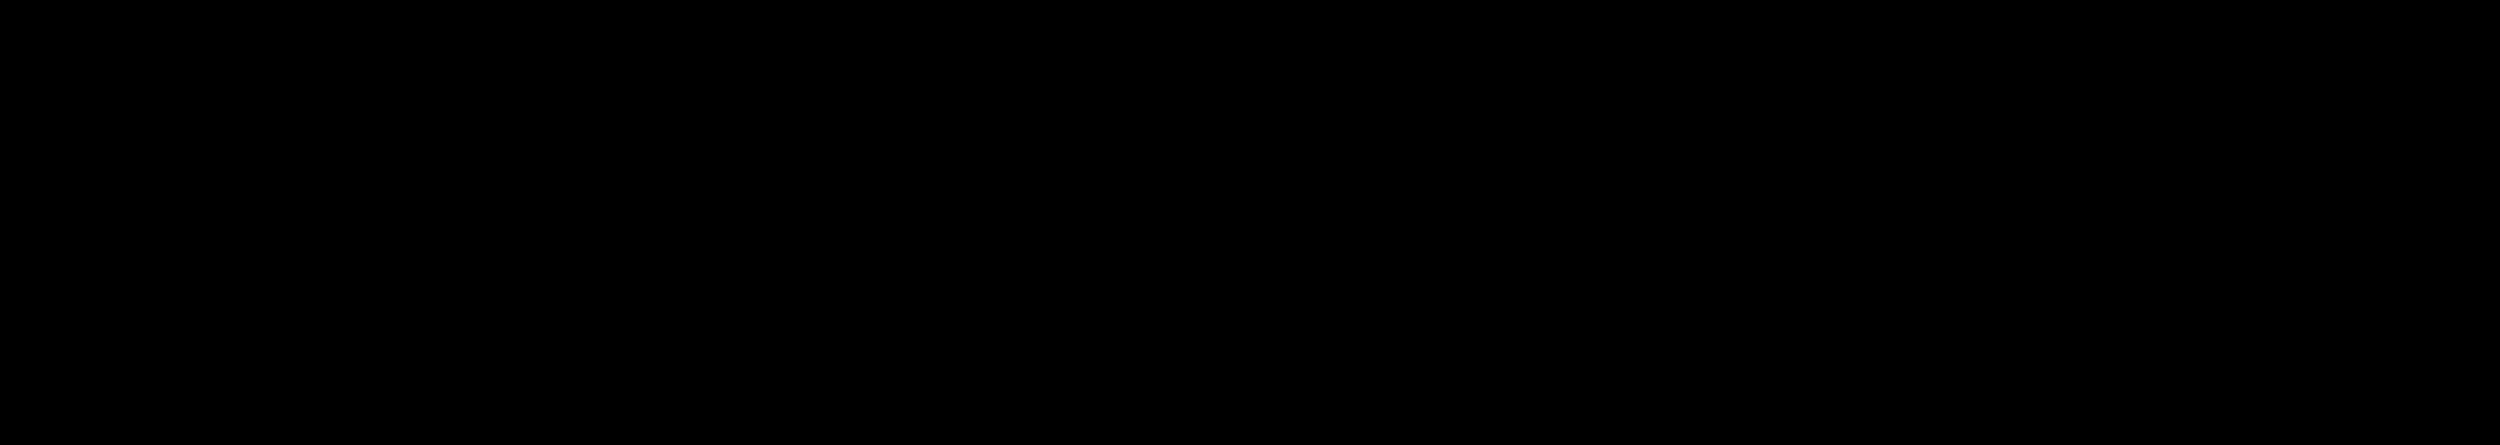 Remarkable Adventures- logo_blk-06.png